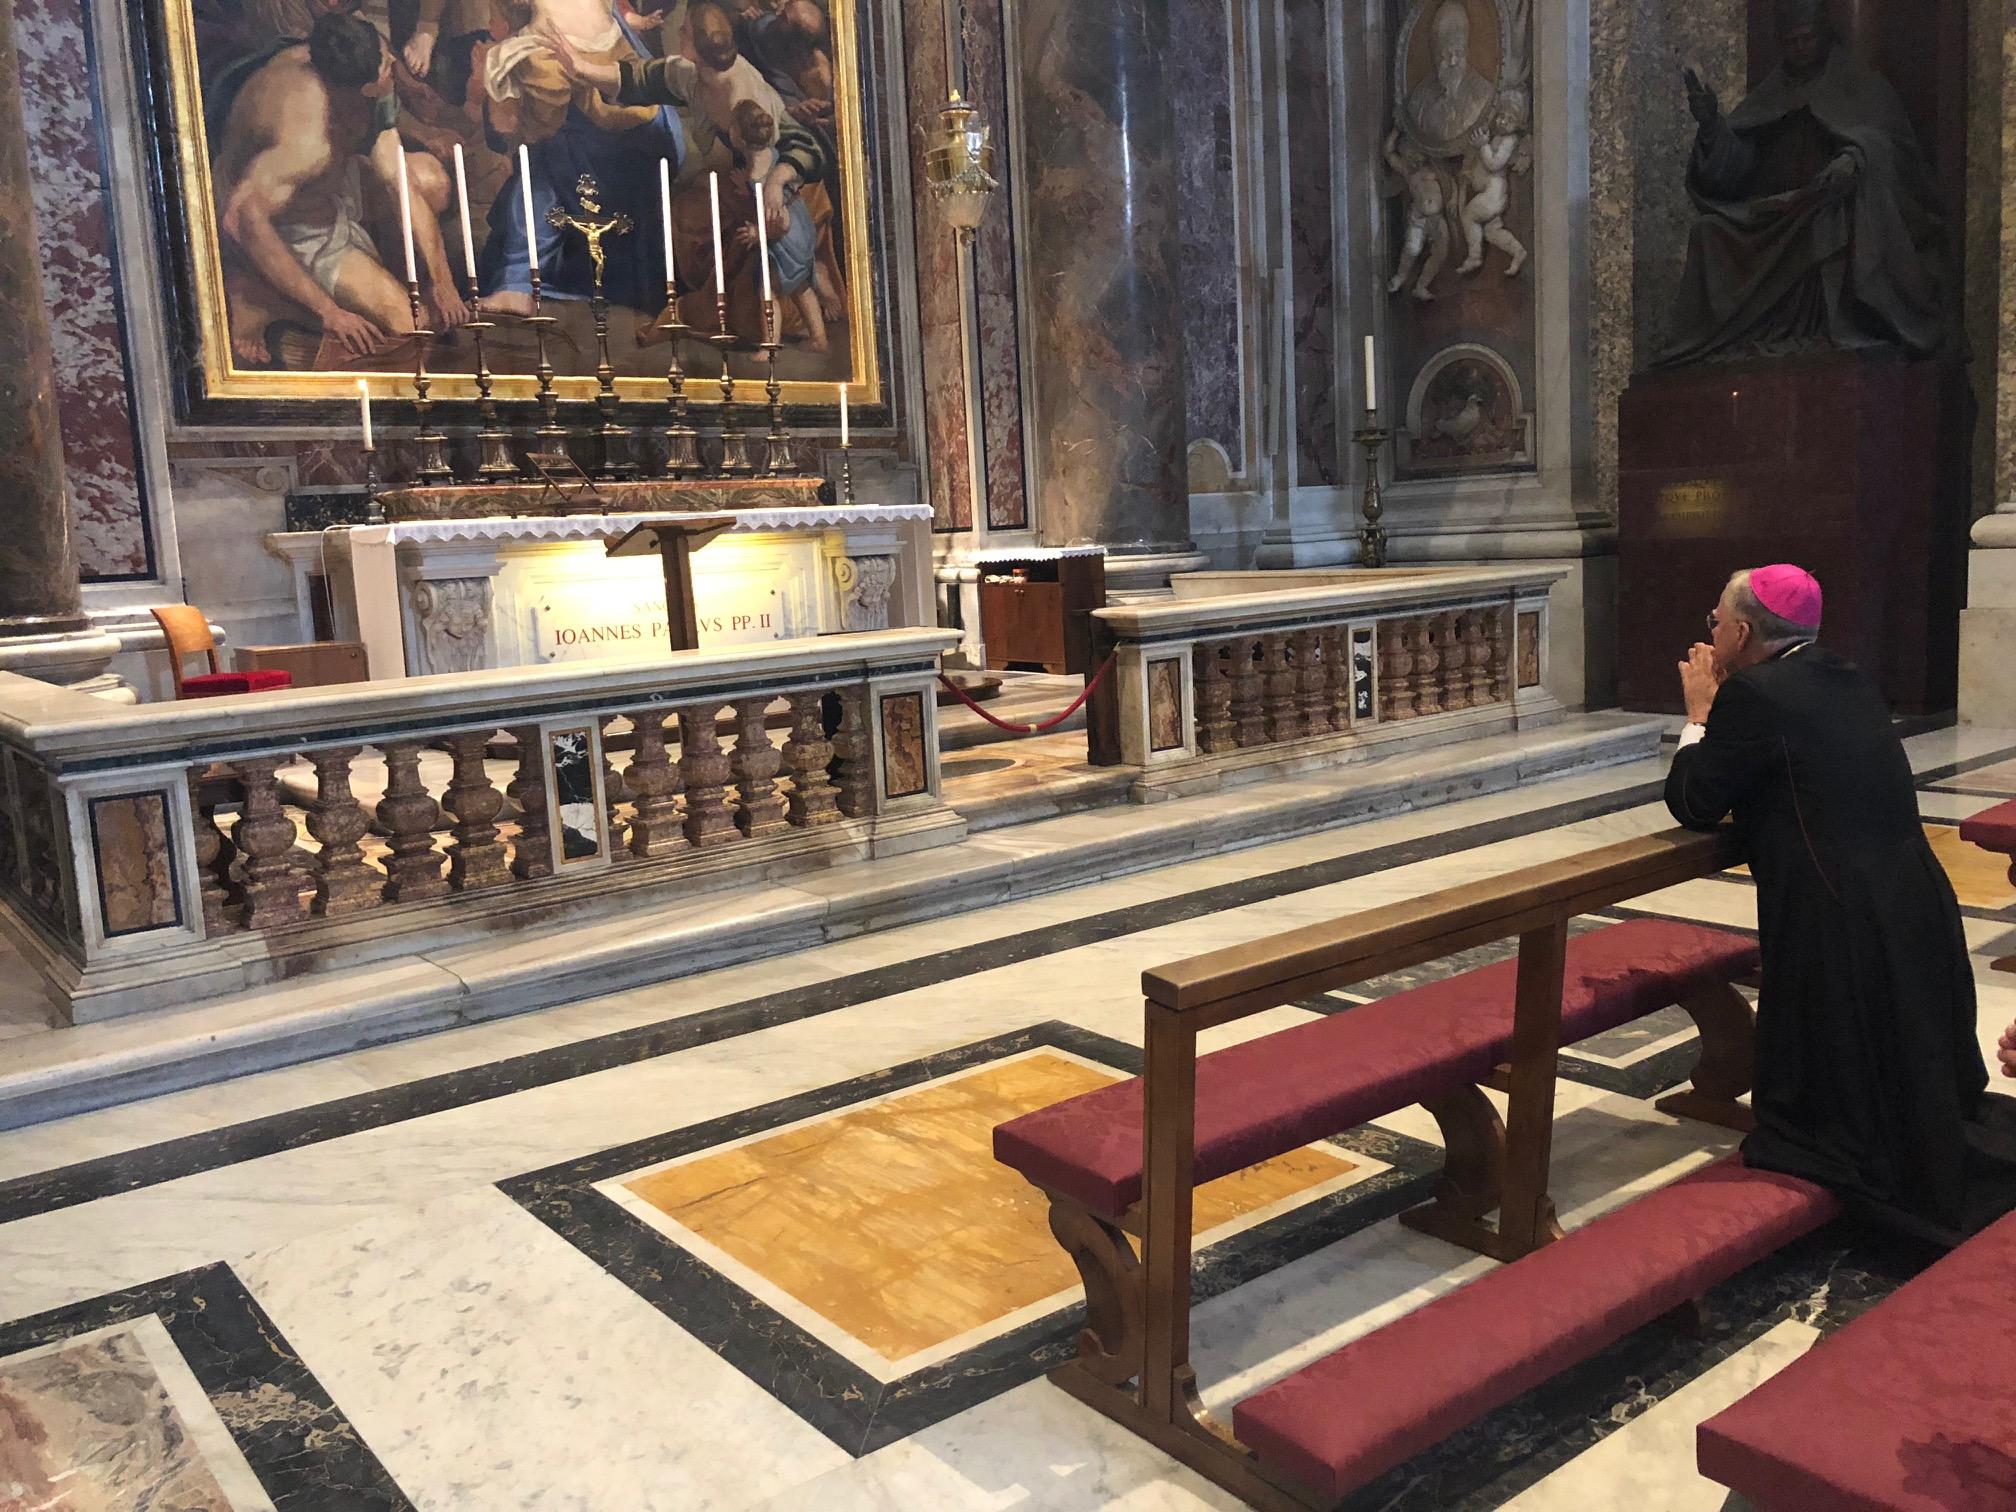 Papież z dalekiego kraju